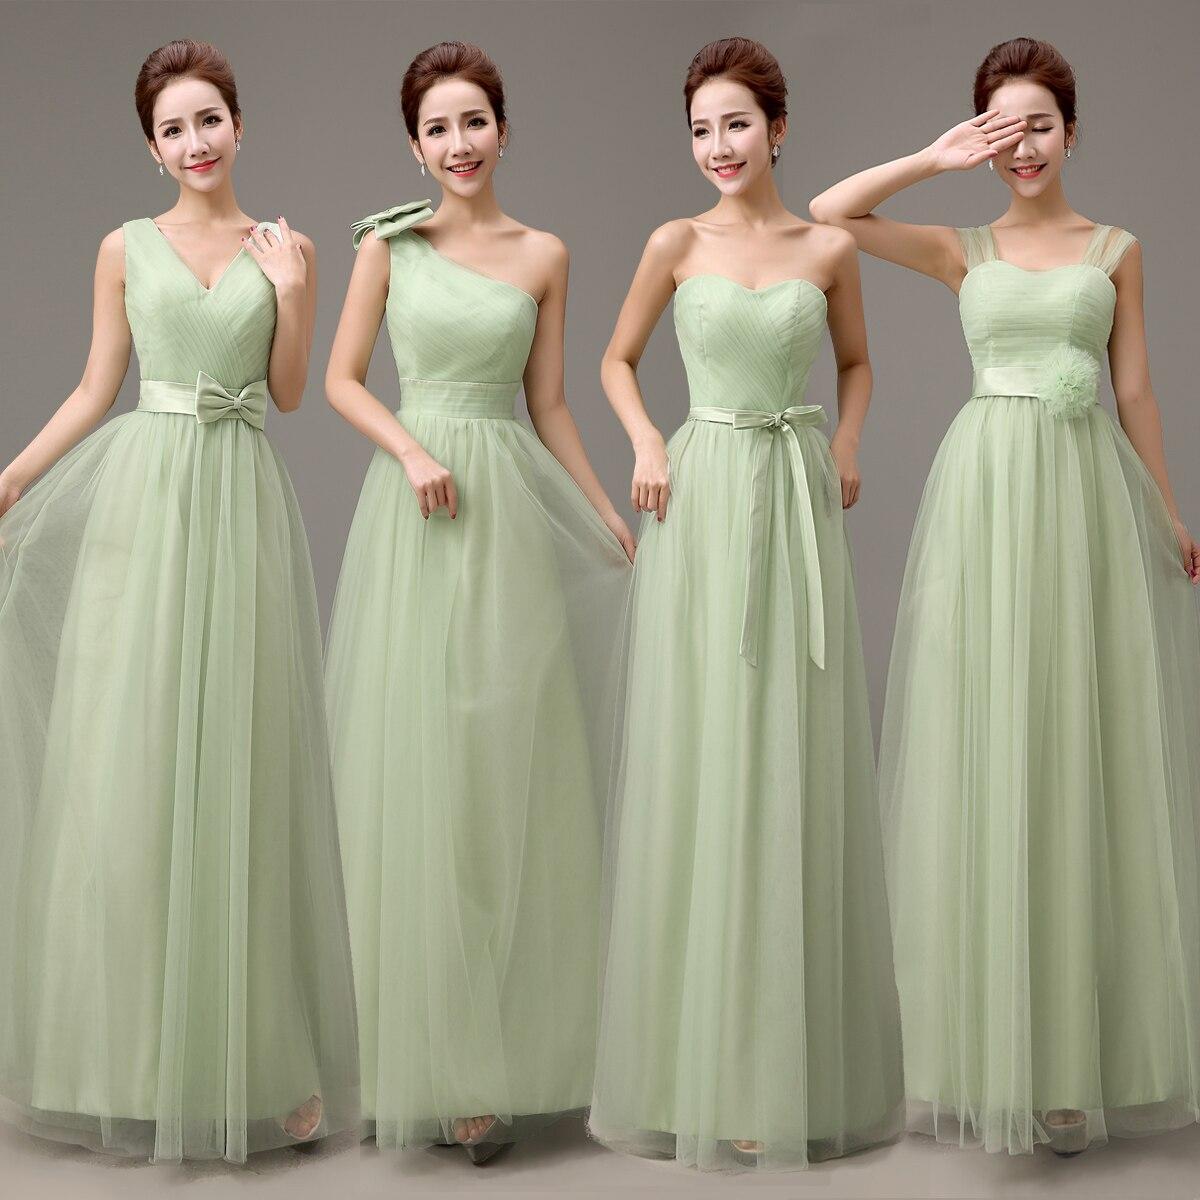 Песни про платье невесты